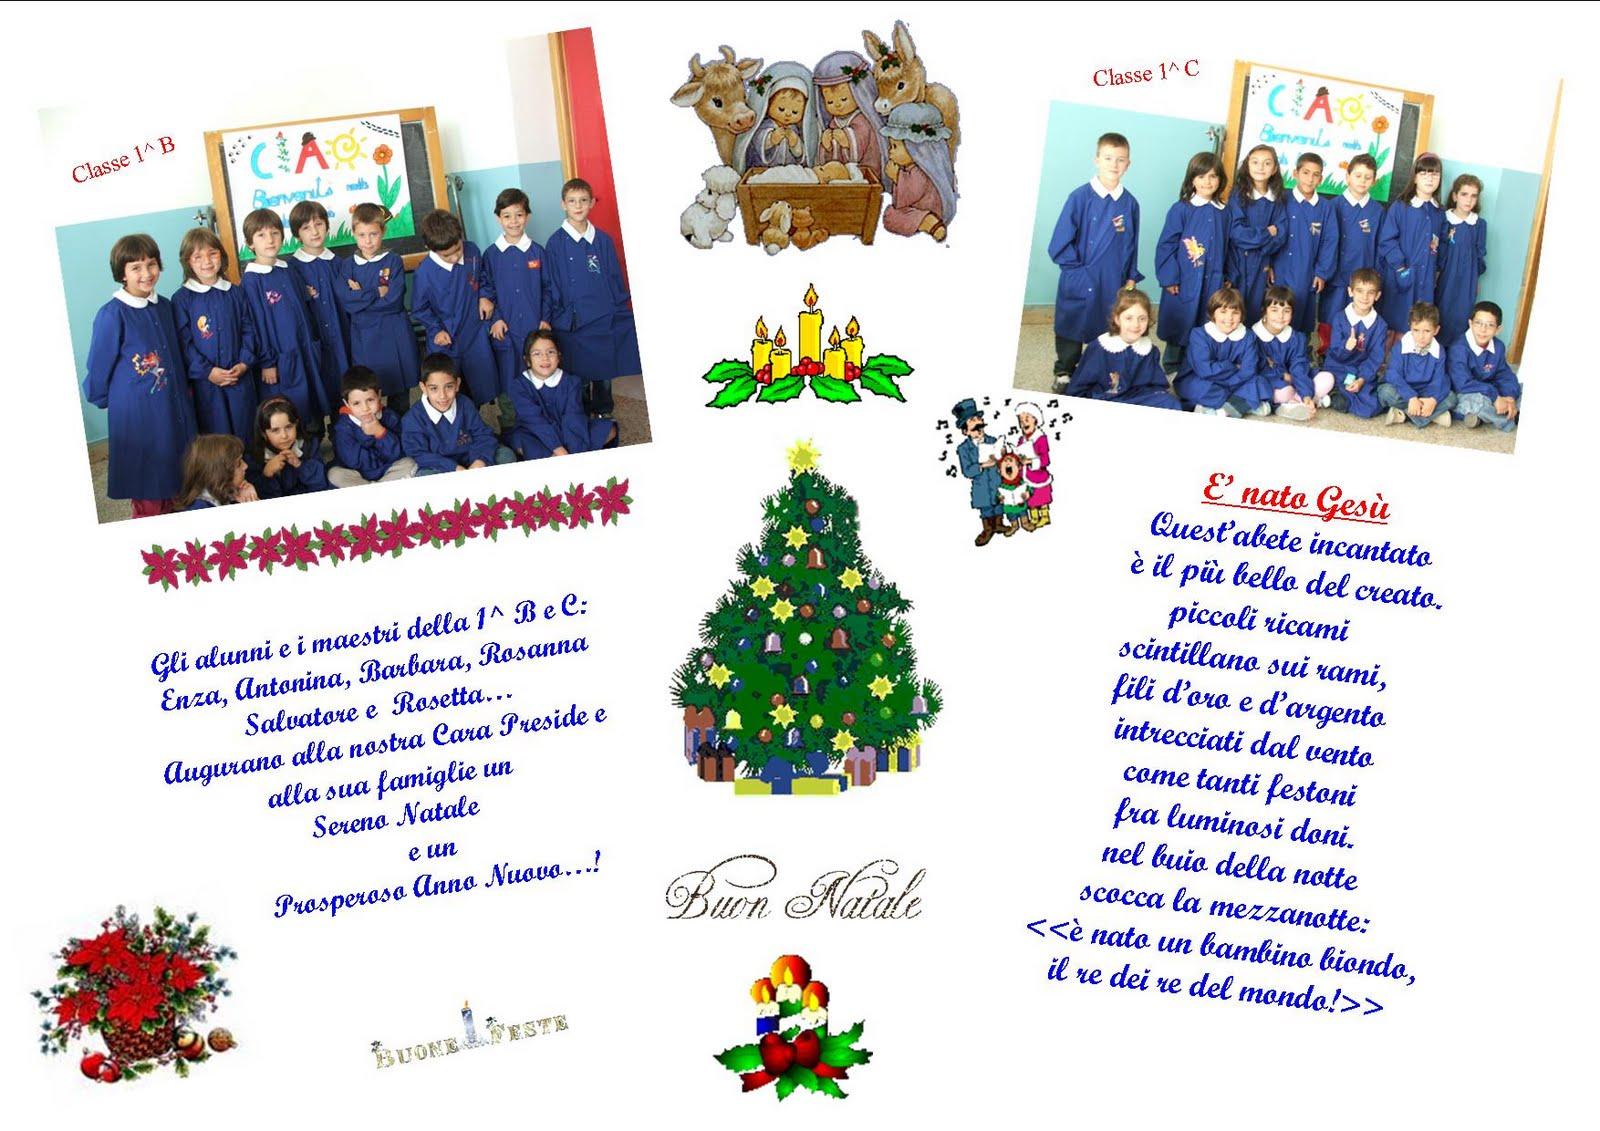 Frasi Di Auguri Di Natale Per Bambini Piccoli.Frasi Auguri Di Buon Natale Per La Maestra Disegni Di Natale 2019